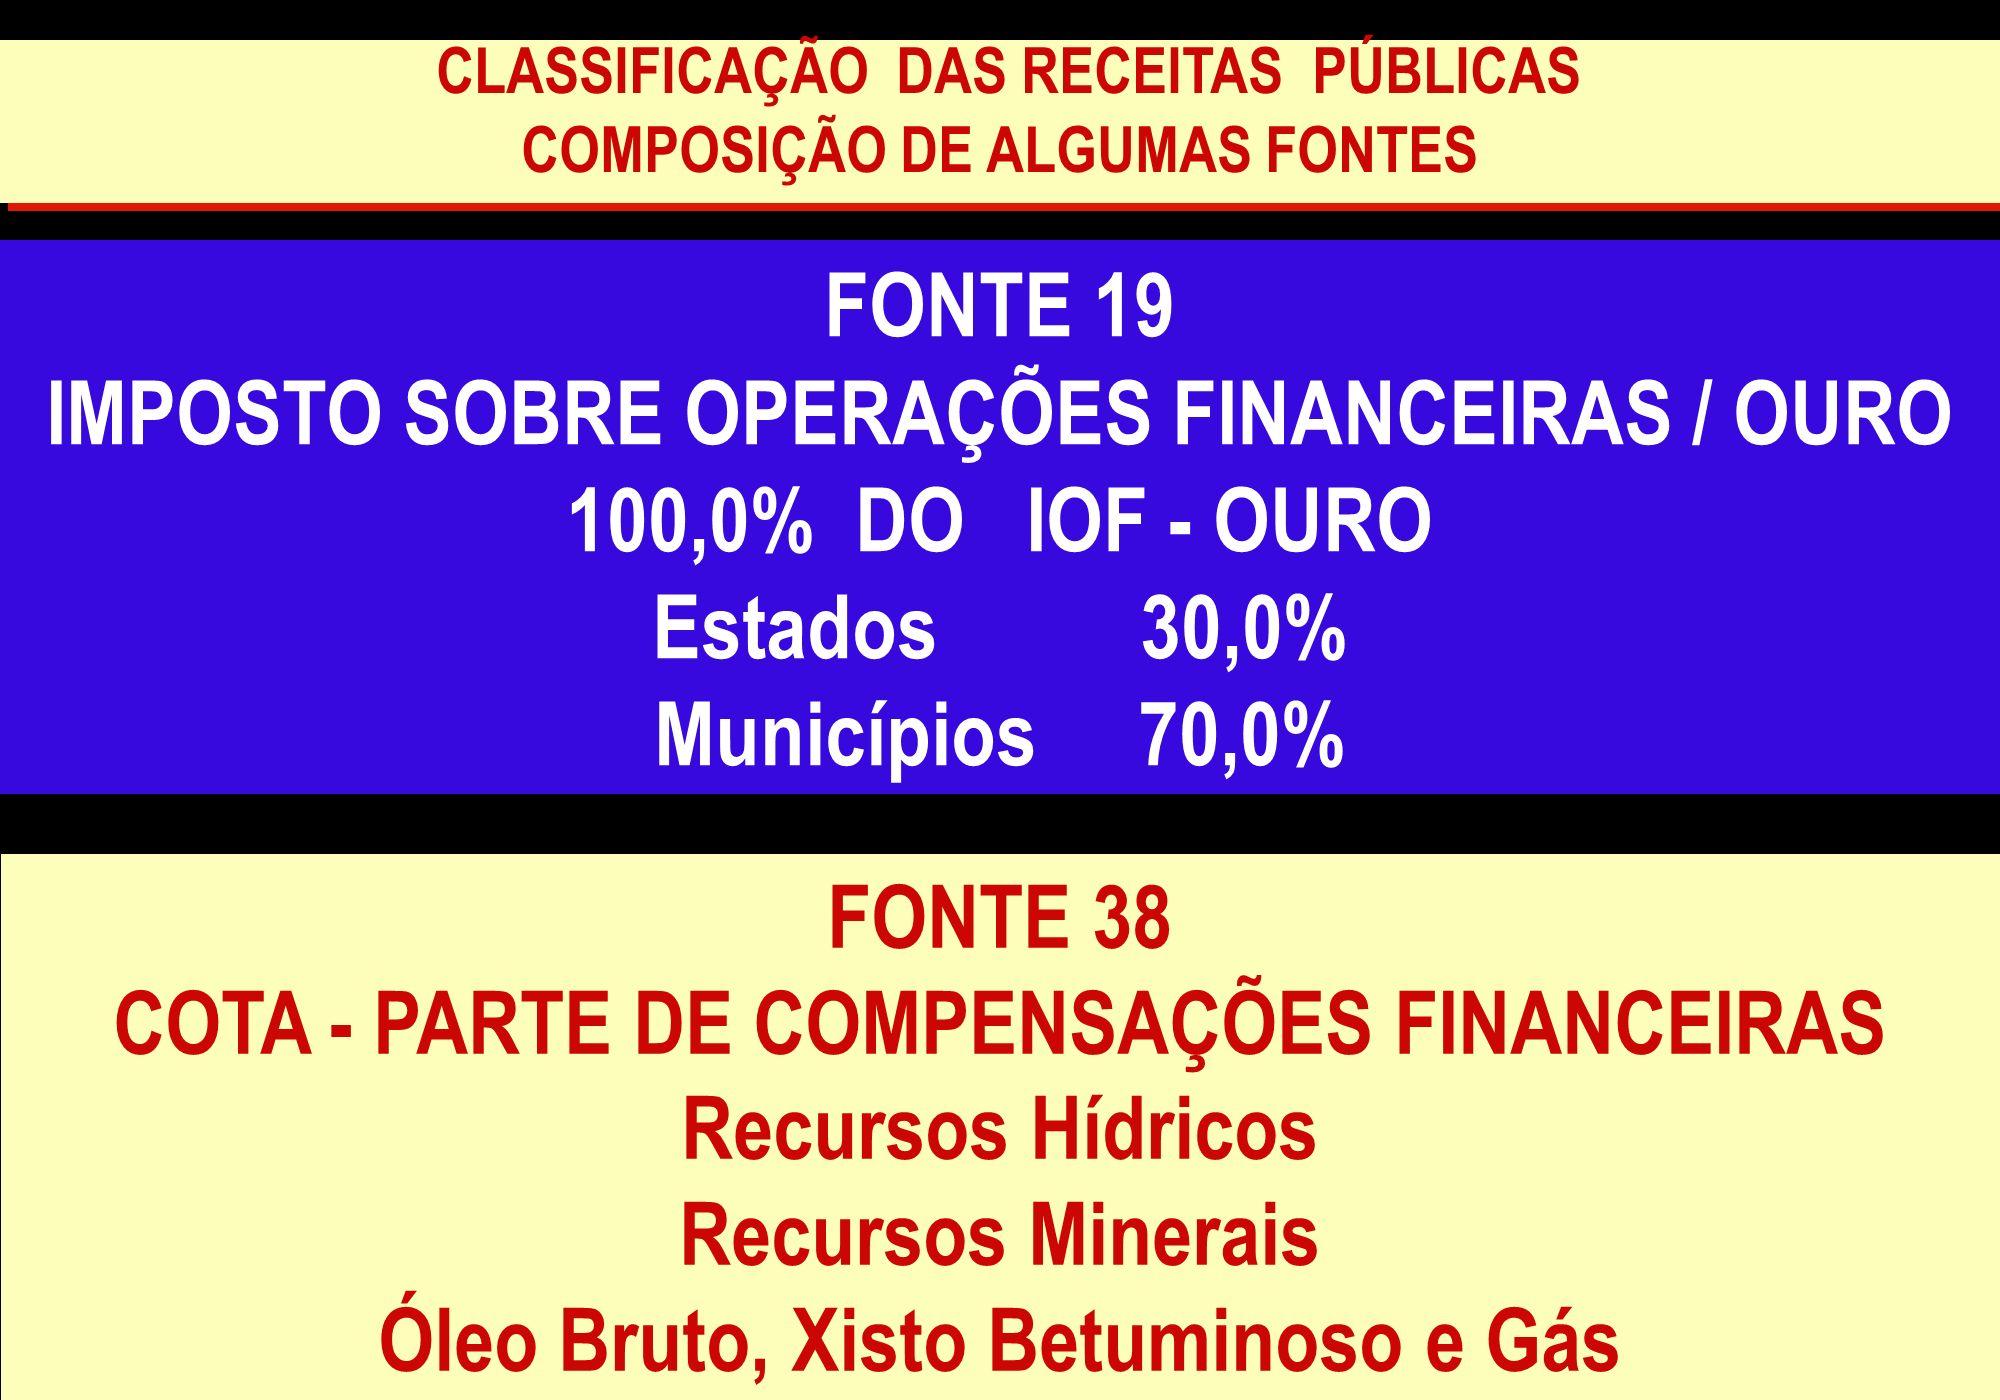 FONTE 19 IMPOSTO SOBRE OPERAÇÕES FINANCEIRAS / OURO 100,0% DO IOF - OURO Estados 30,0% Municípios 70,0% FONTE 38 COTA - PARTE DE COMPENSAÇÕES FINANCEI